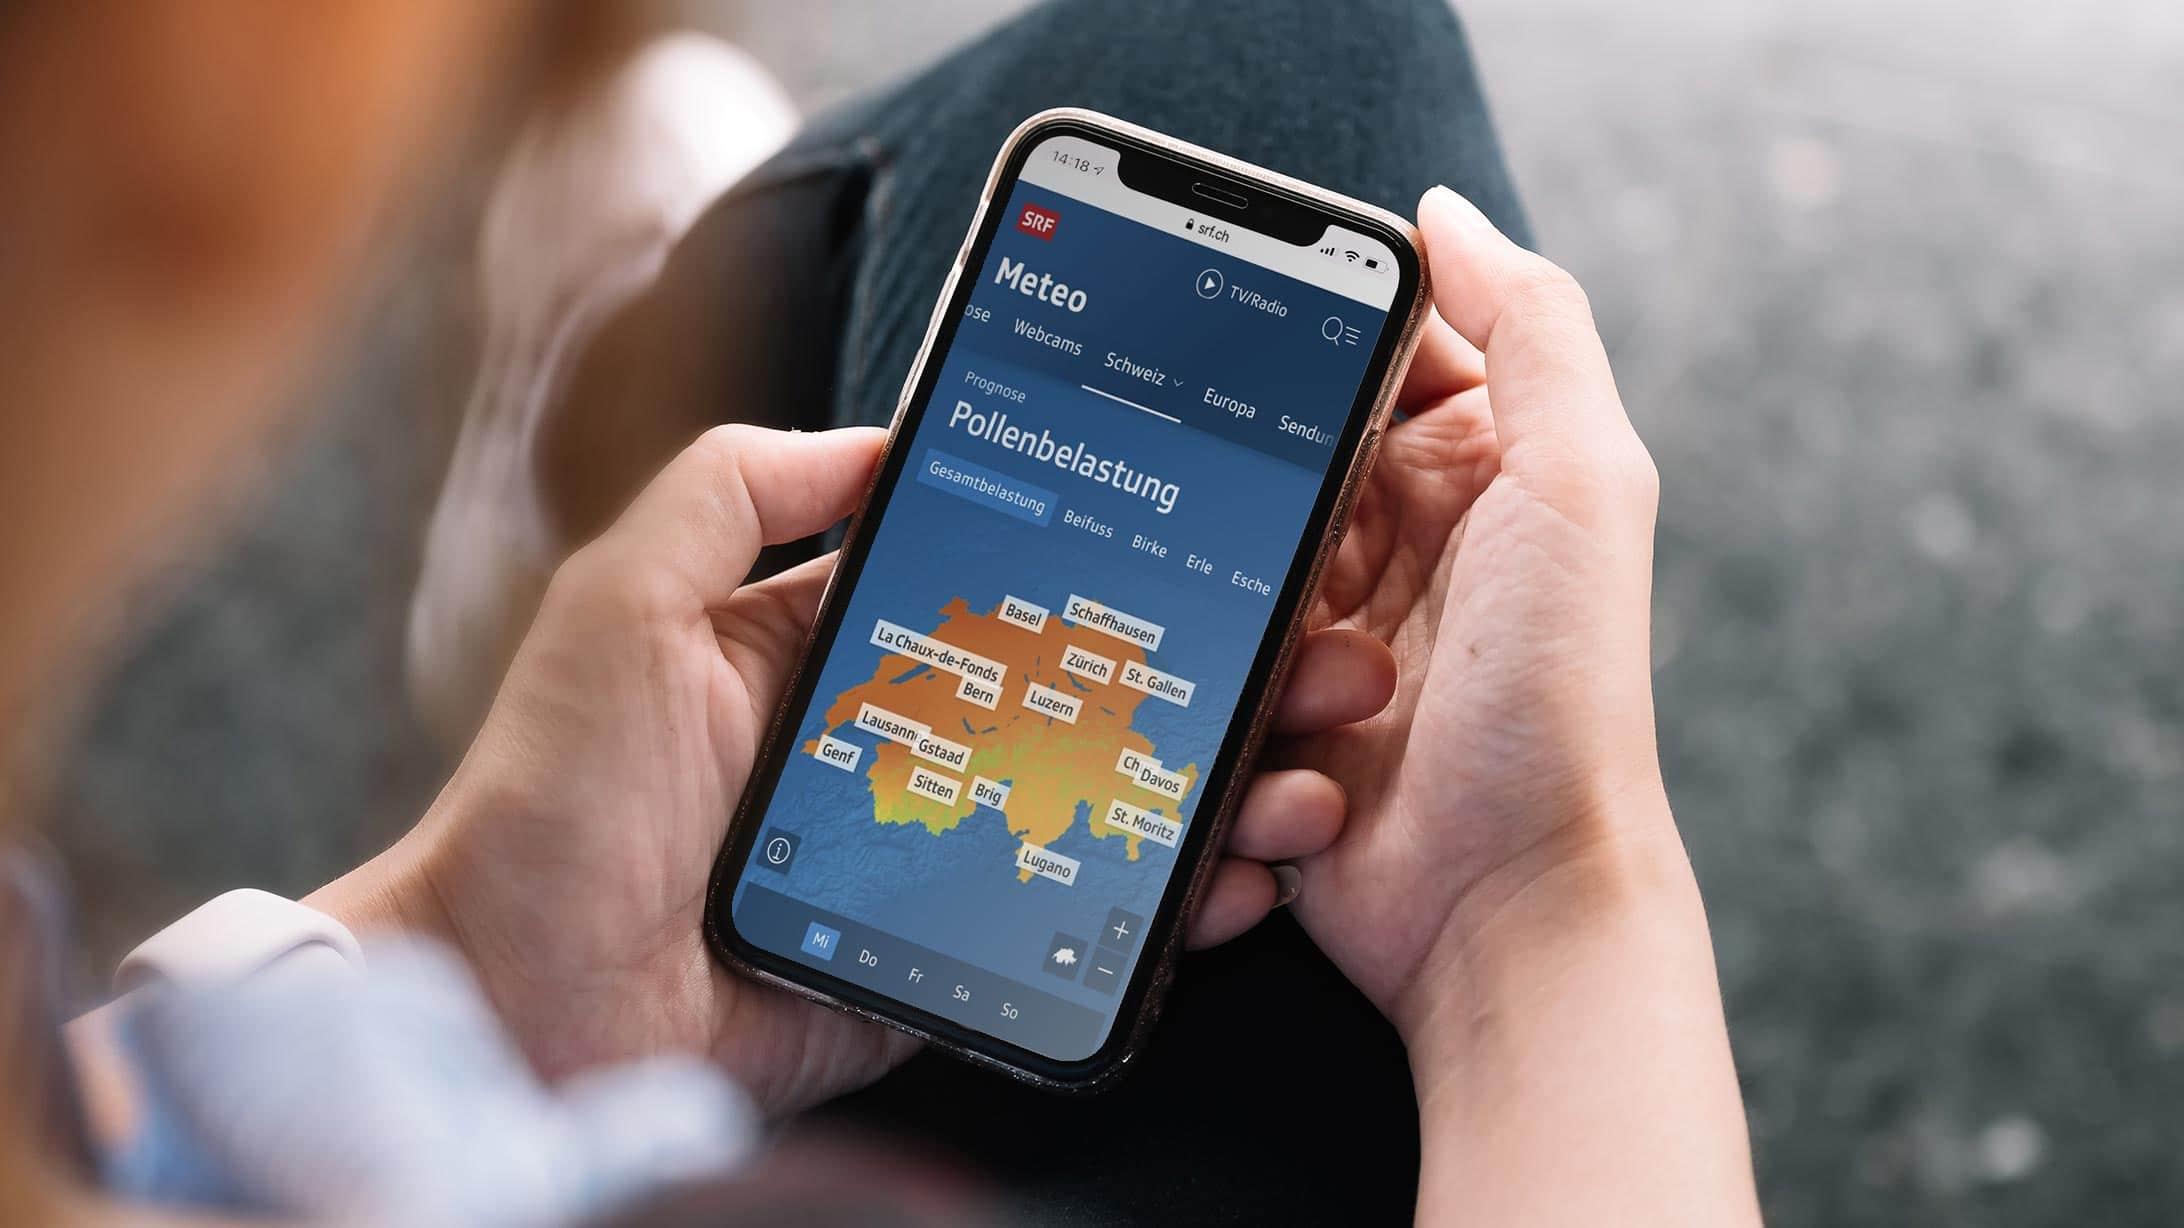 Polllenflus-App auf einem Smartphone